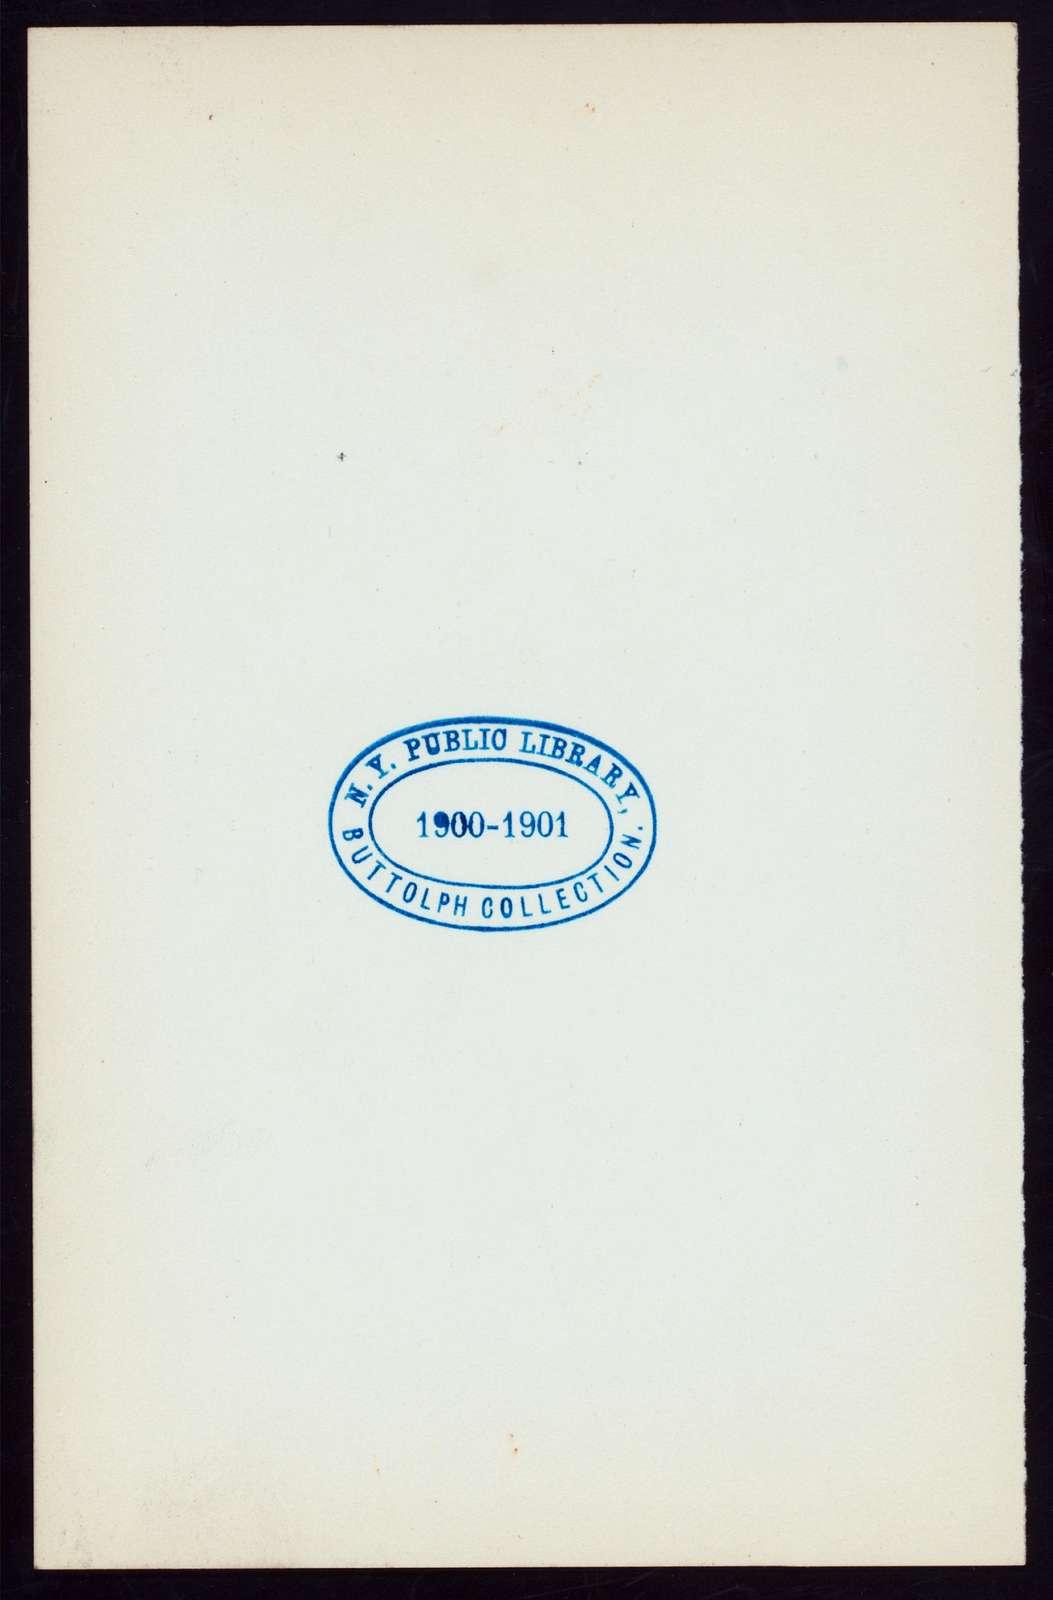 DINNER FOR MONSIEUR JULES CAMBON, AMBASSADEUR DE LA REPUBLIC FRANCAISE AUX ETATS-UNIS [held by] LA CHAMBRE DE COMMERCE FRANCAISE DE NEW YORK [at] DELMONICO'S (HOT;)